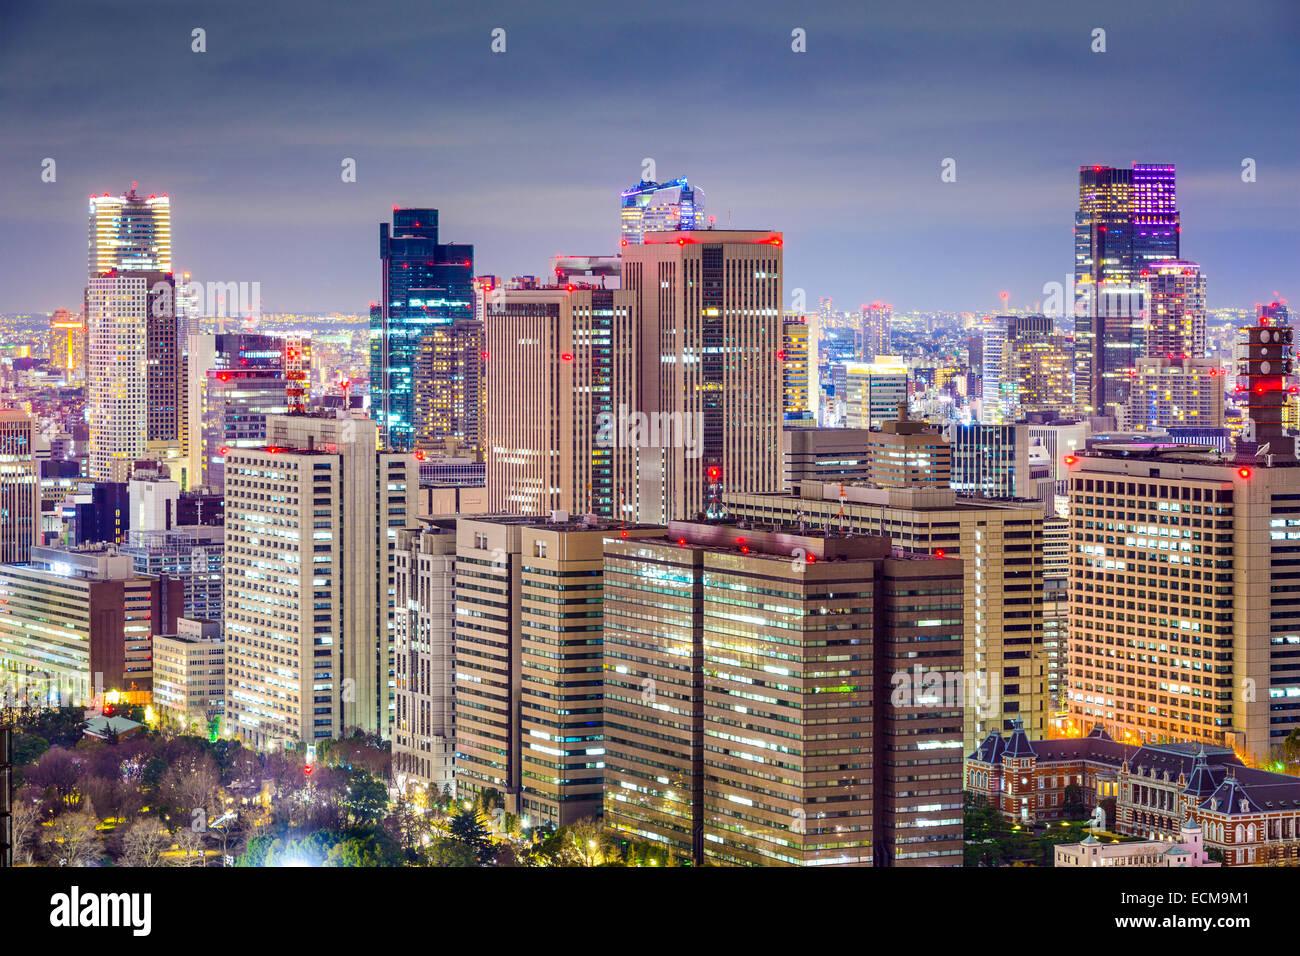 Büro Gebäude Stadtbild im Bezirk Chiyoda, Tokio, Japan. Stockbild